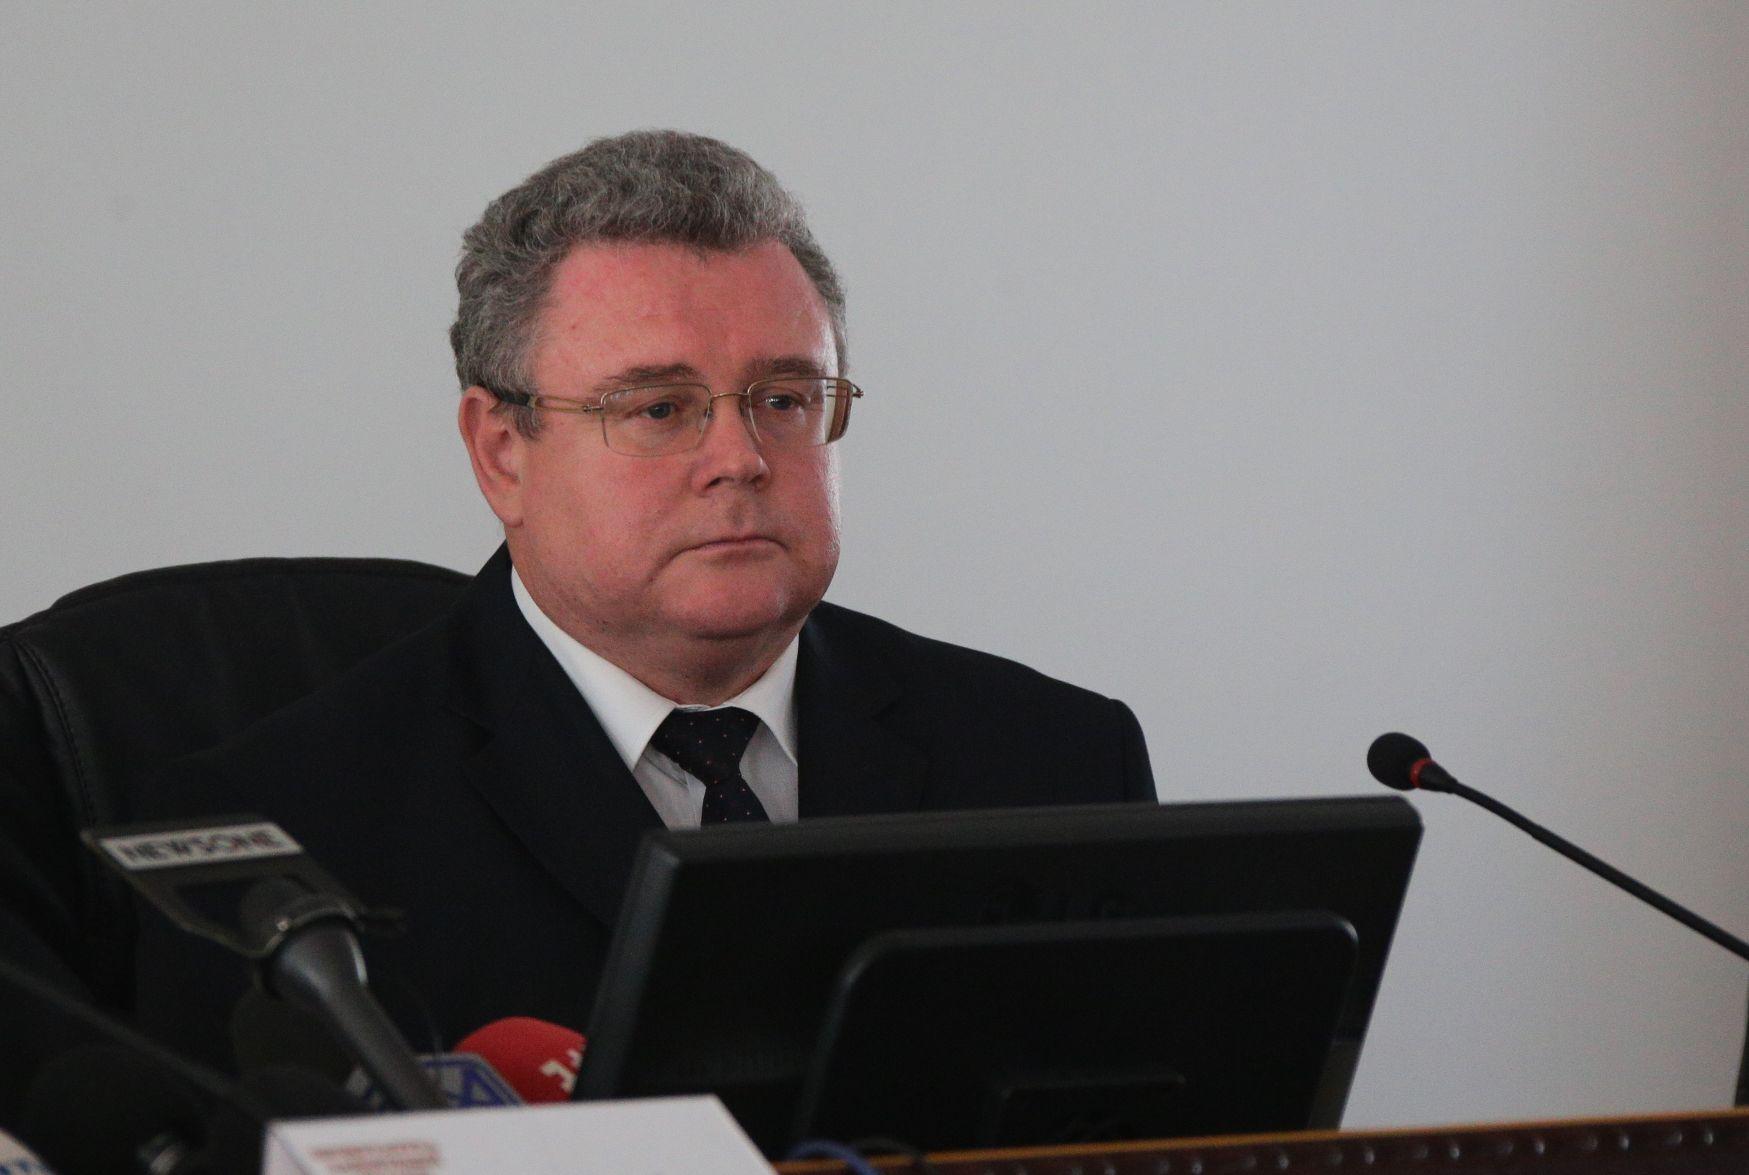 Прокурор области Валерий Романов недоволен Консультативным советом